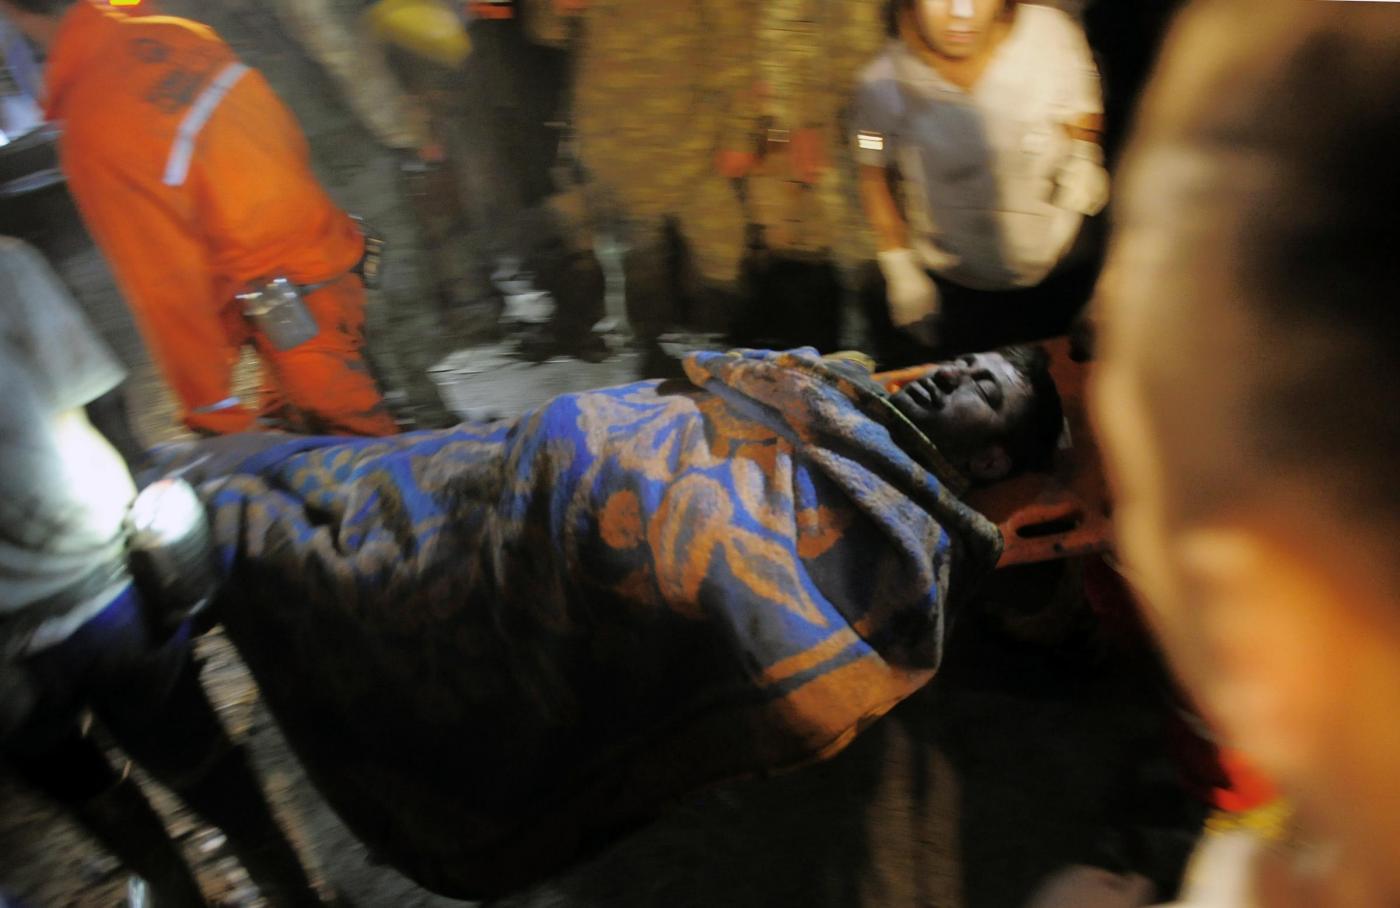 Strage in Turchia: almeno 200 morti e 300 intrappolati in miniera